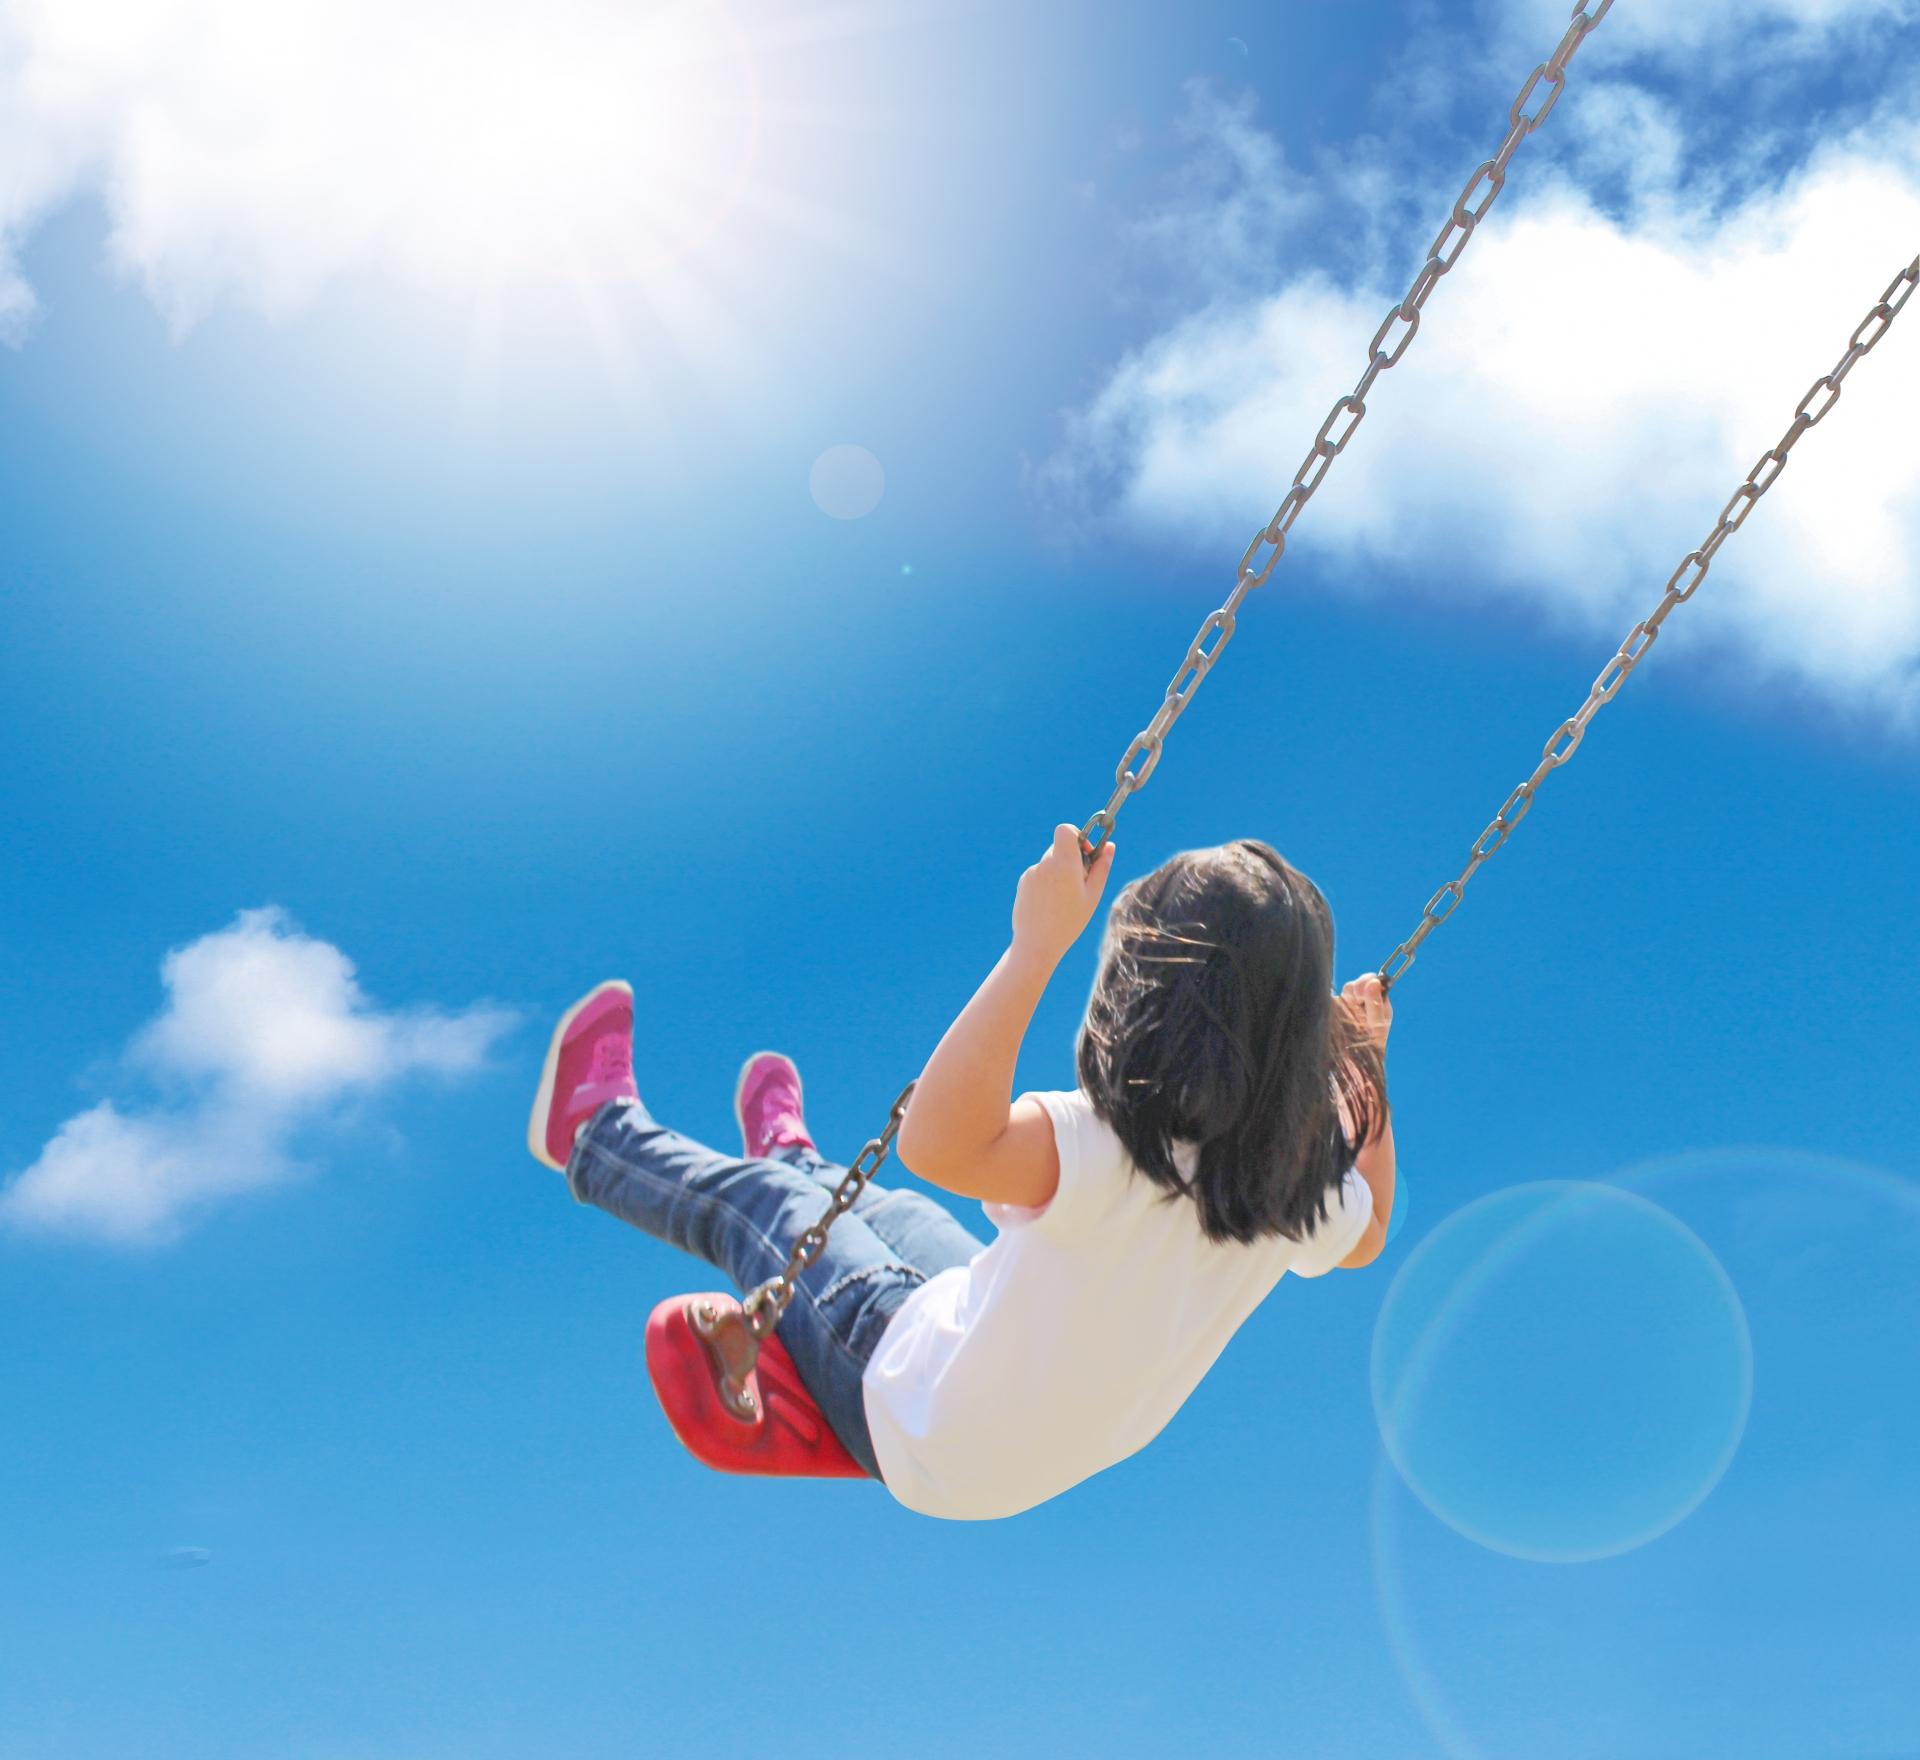 子どもが失敗したとき、どんな言葉をかける?折れない心を育てる5つの方法の画像1